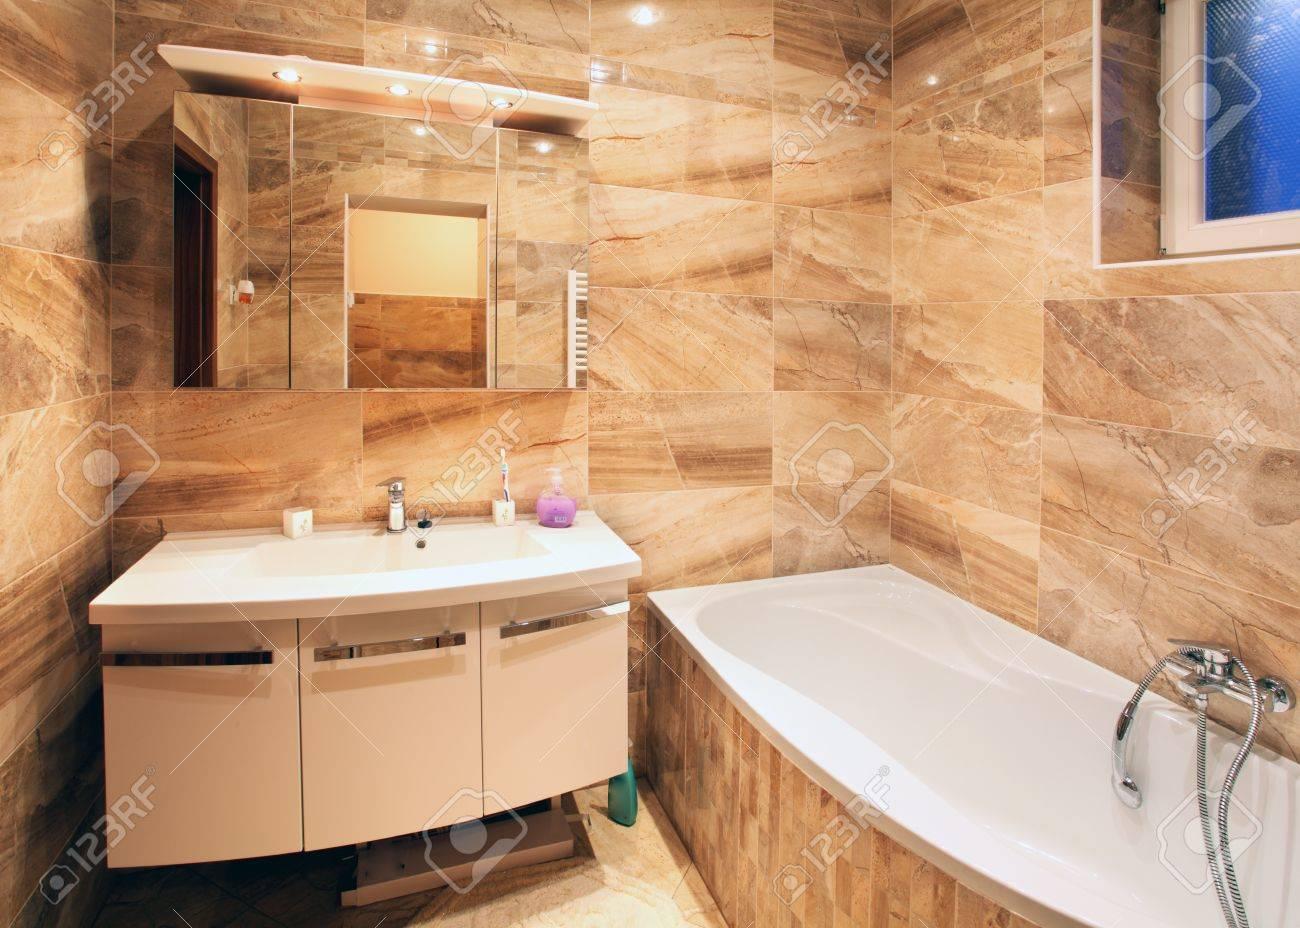 Modern Ház Fürdőszoba Berendezések Royalty Free Stock-fotók, Képek ...